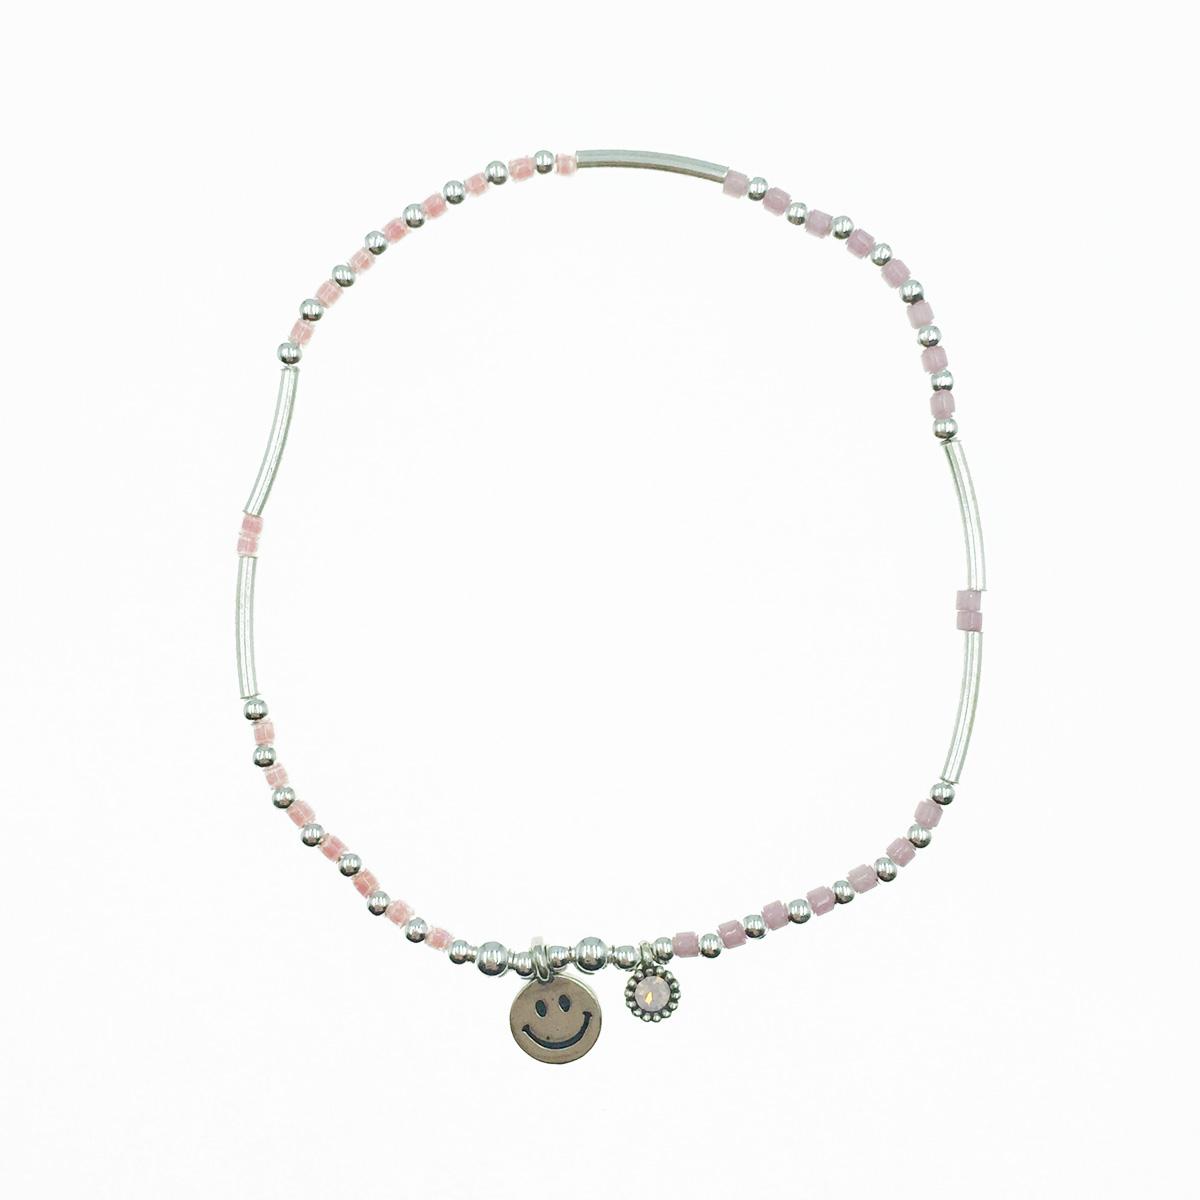 韓國 925純銀 小銀珠 串珠 笑臉墜飾 彈力手環